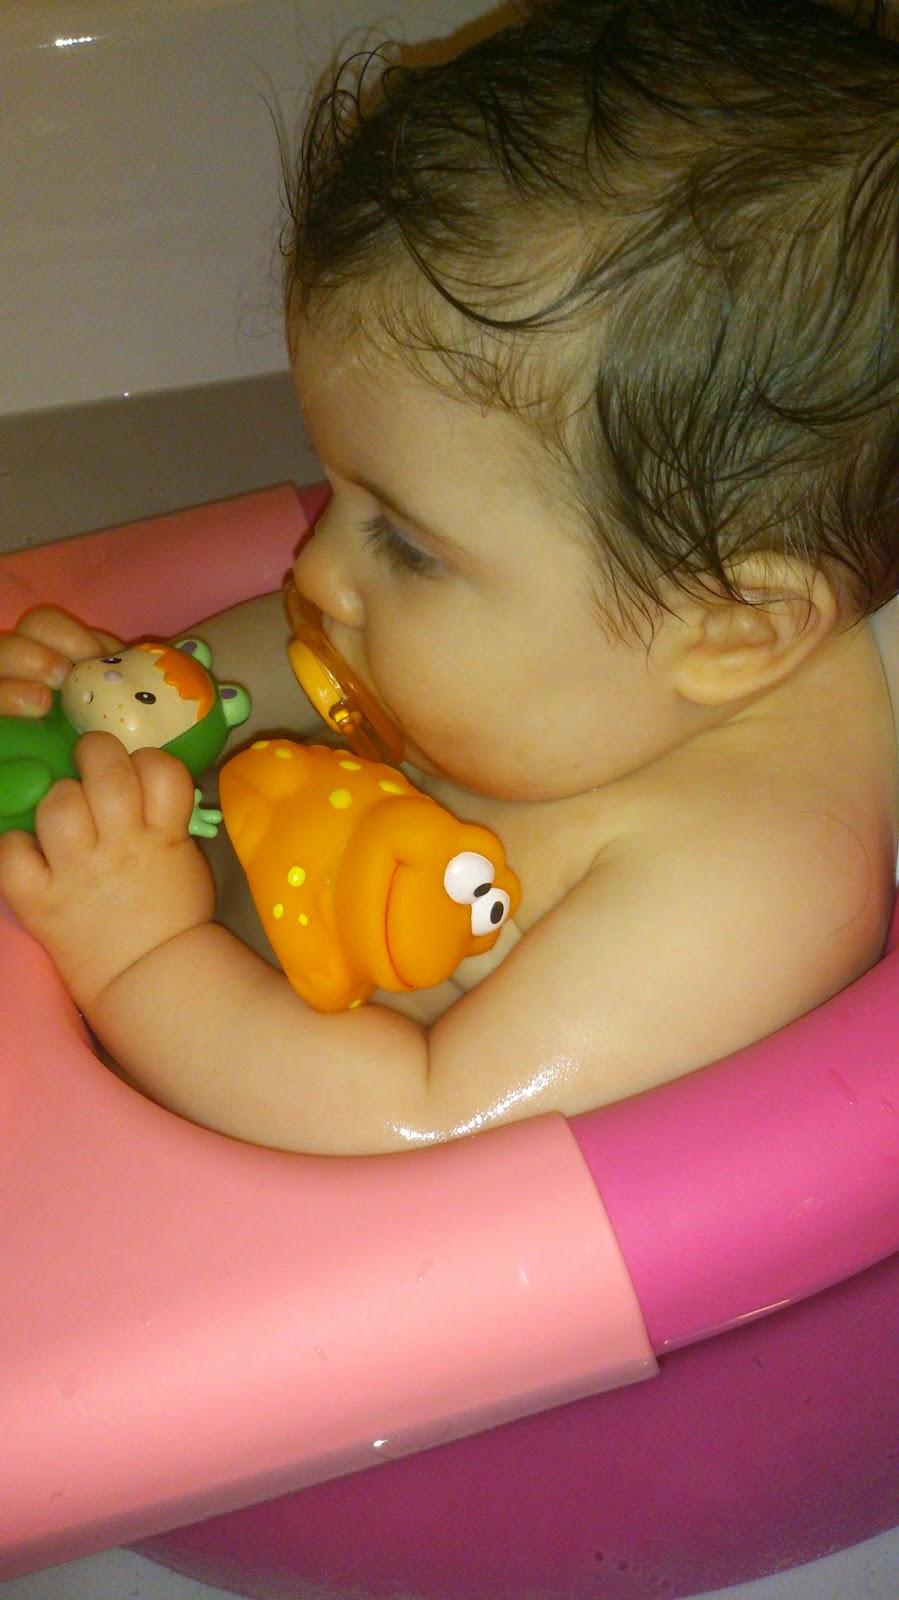 Bulle pour le bain de Bébé... à partir de quel âge?